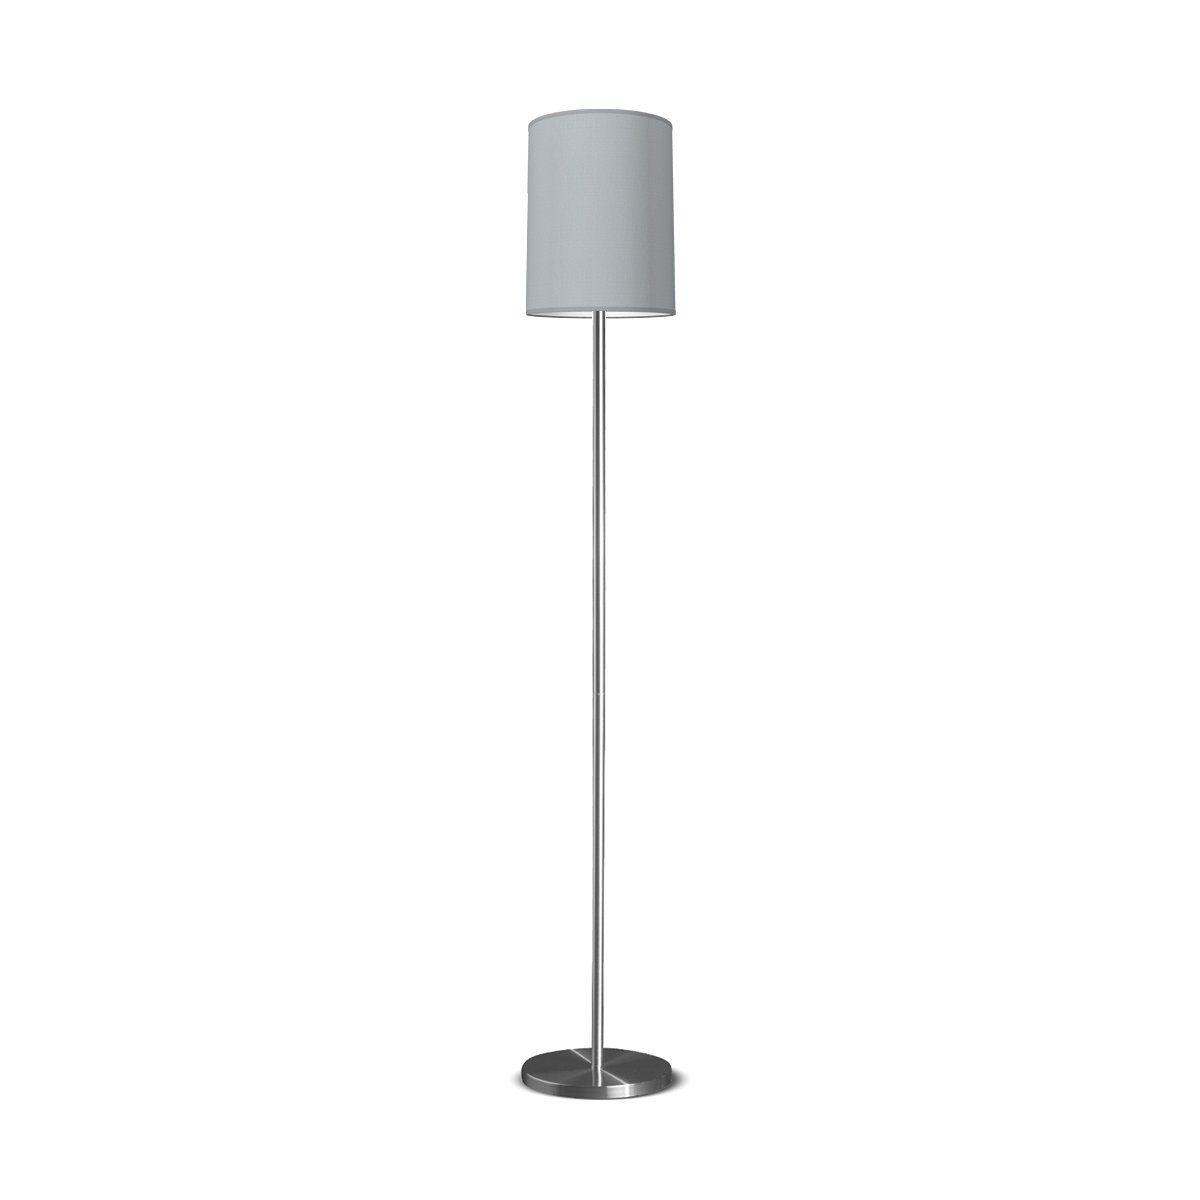 vloerlamp Mauro Tube Ø 30 cm - lichtgrijs